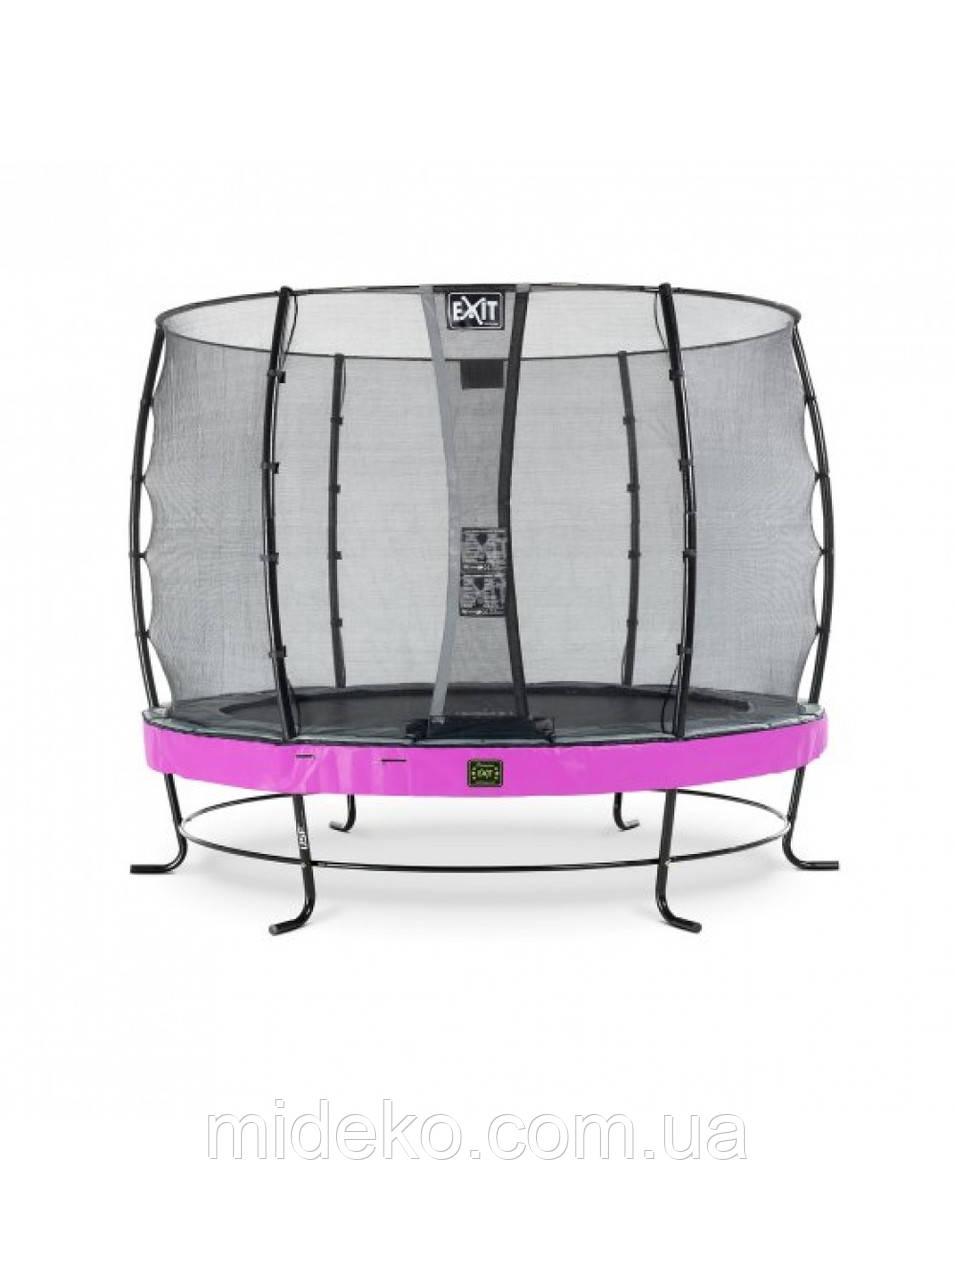 Качественный батут для детей EXIT Elegant Premium 305cm purple  с защитной сеткой Стандарт (Нидерланды)